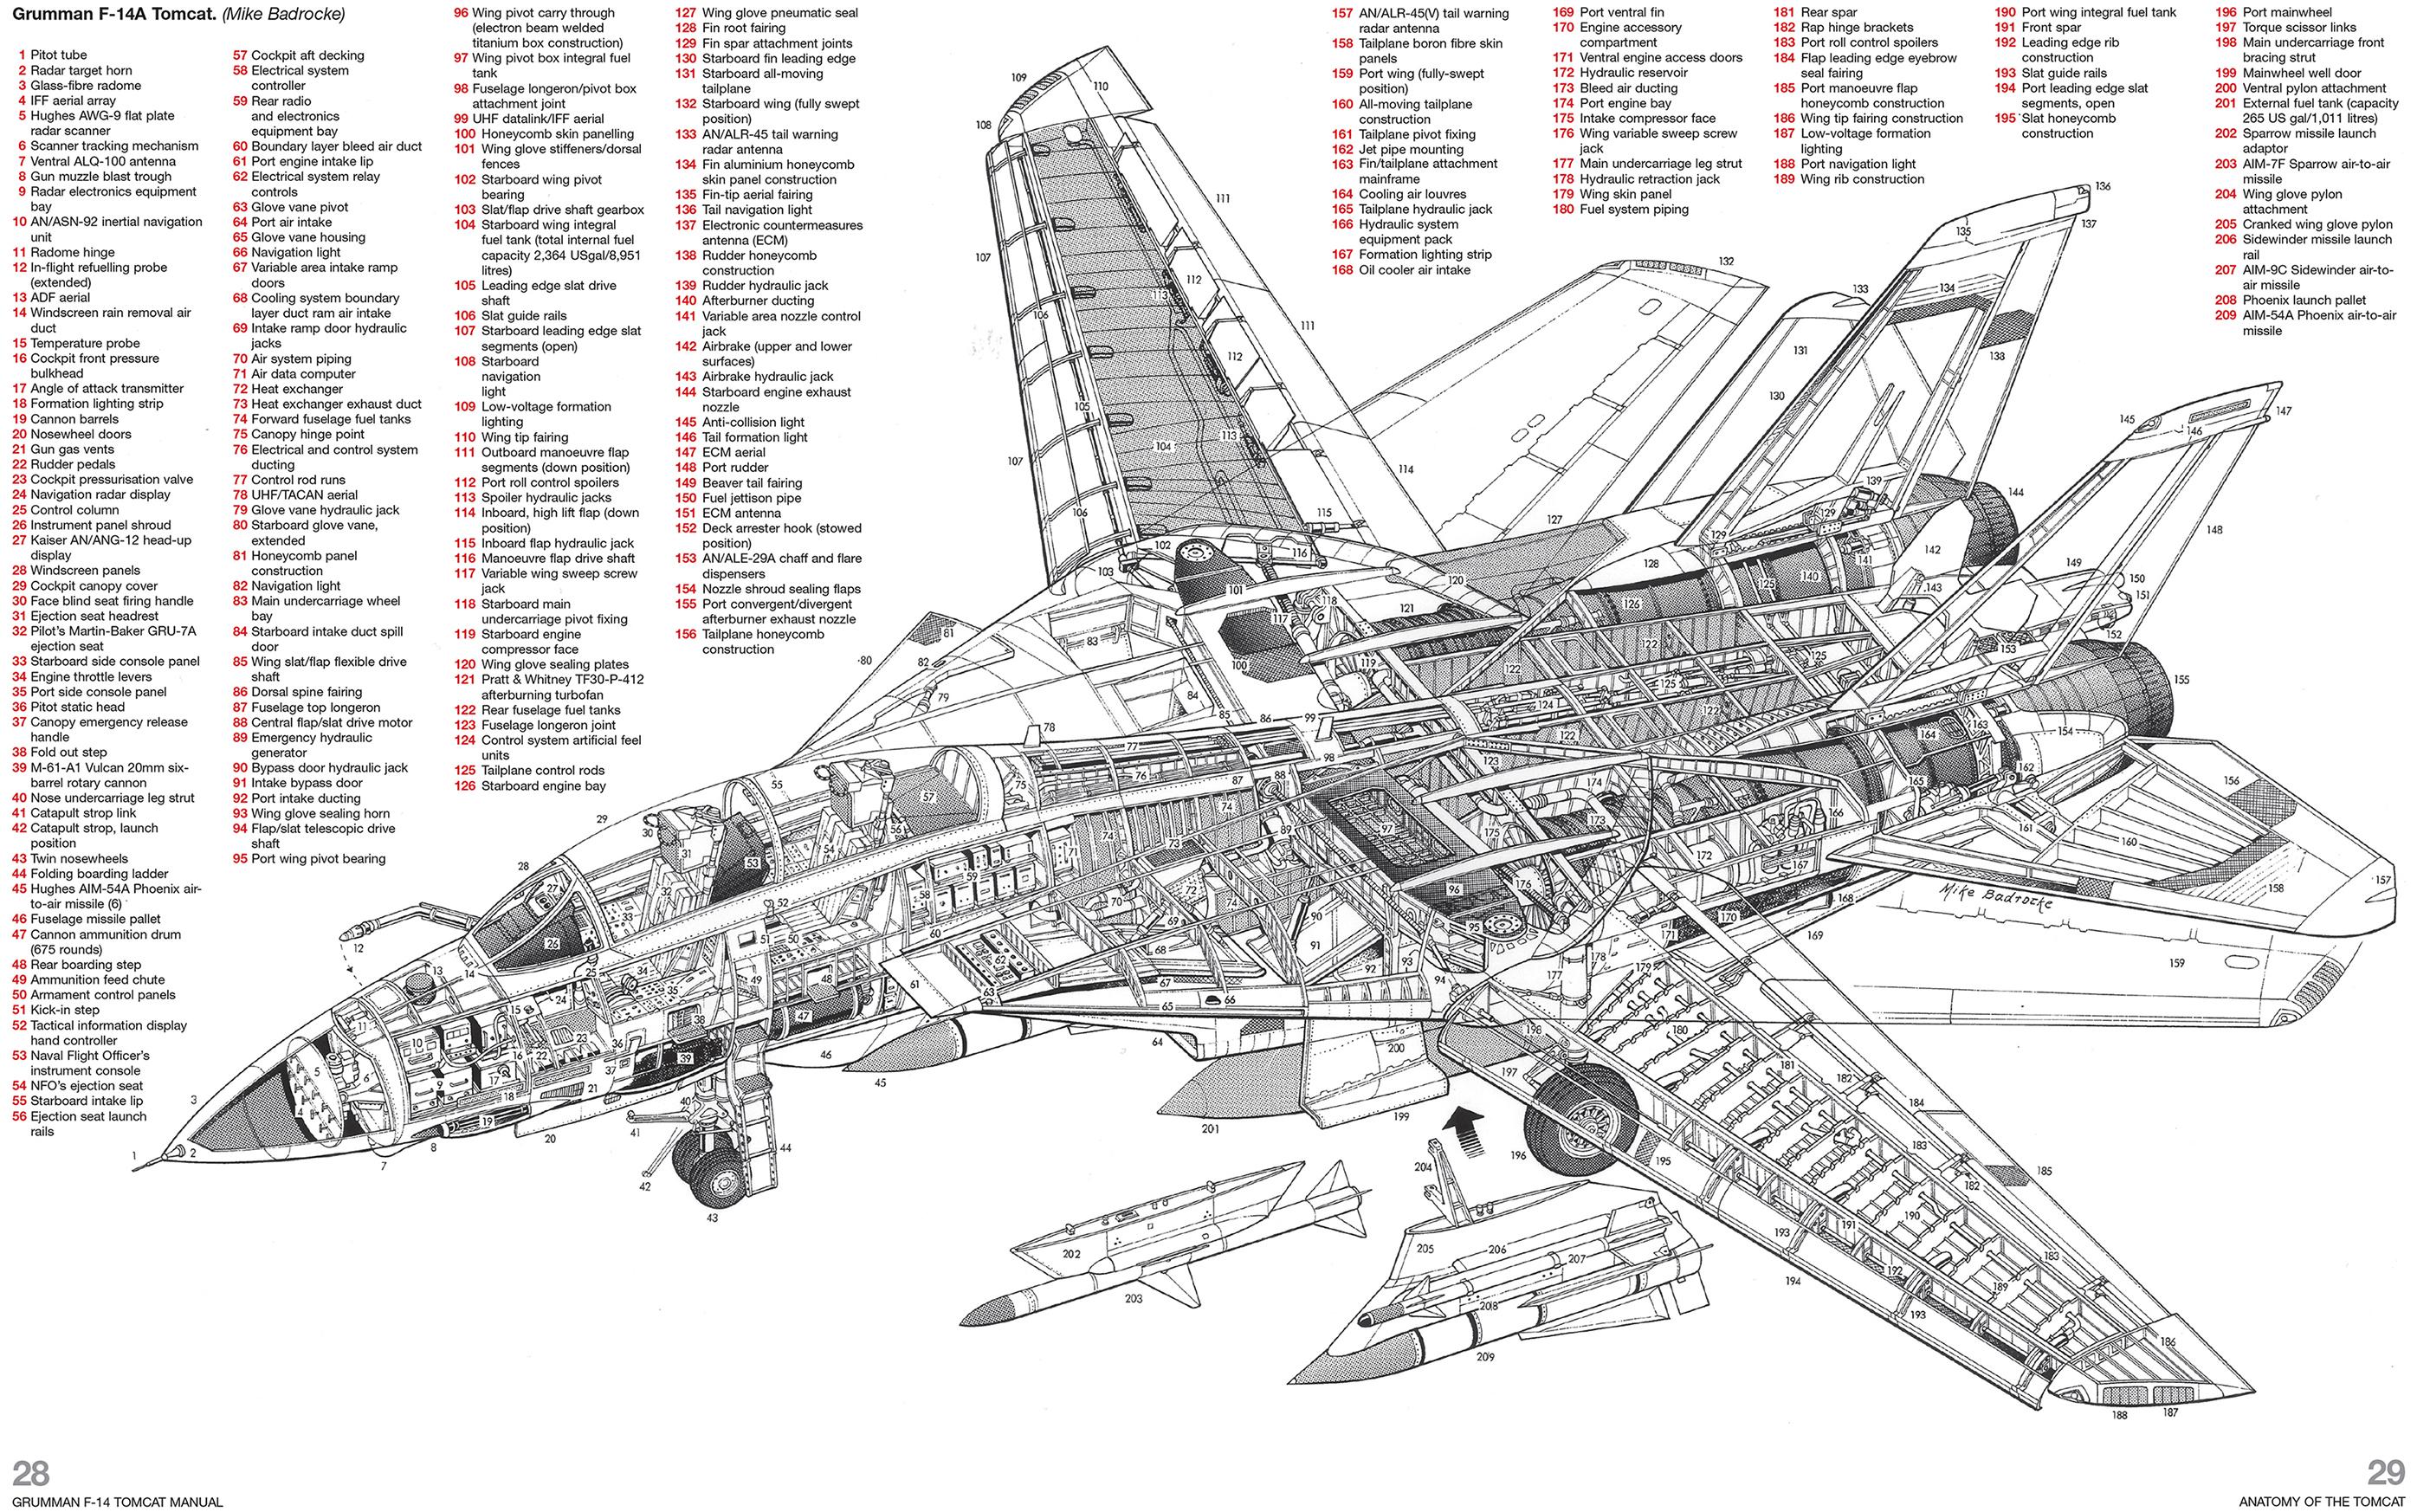 Grumman F 14 Tomcat Manual